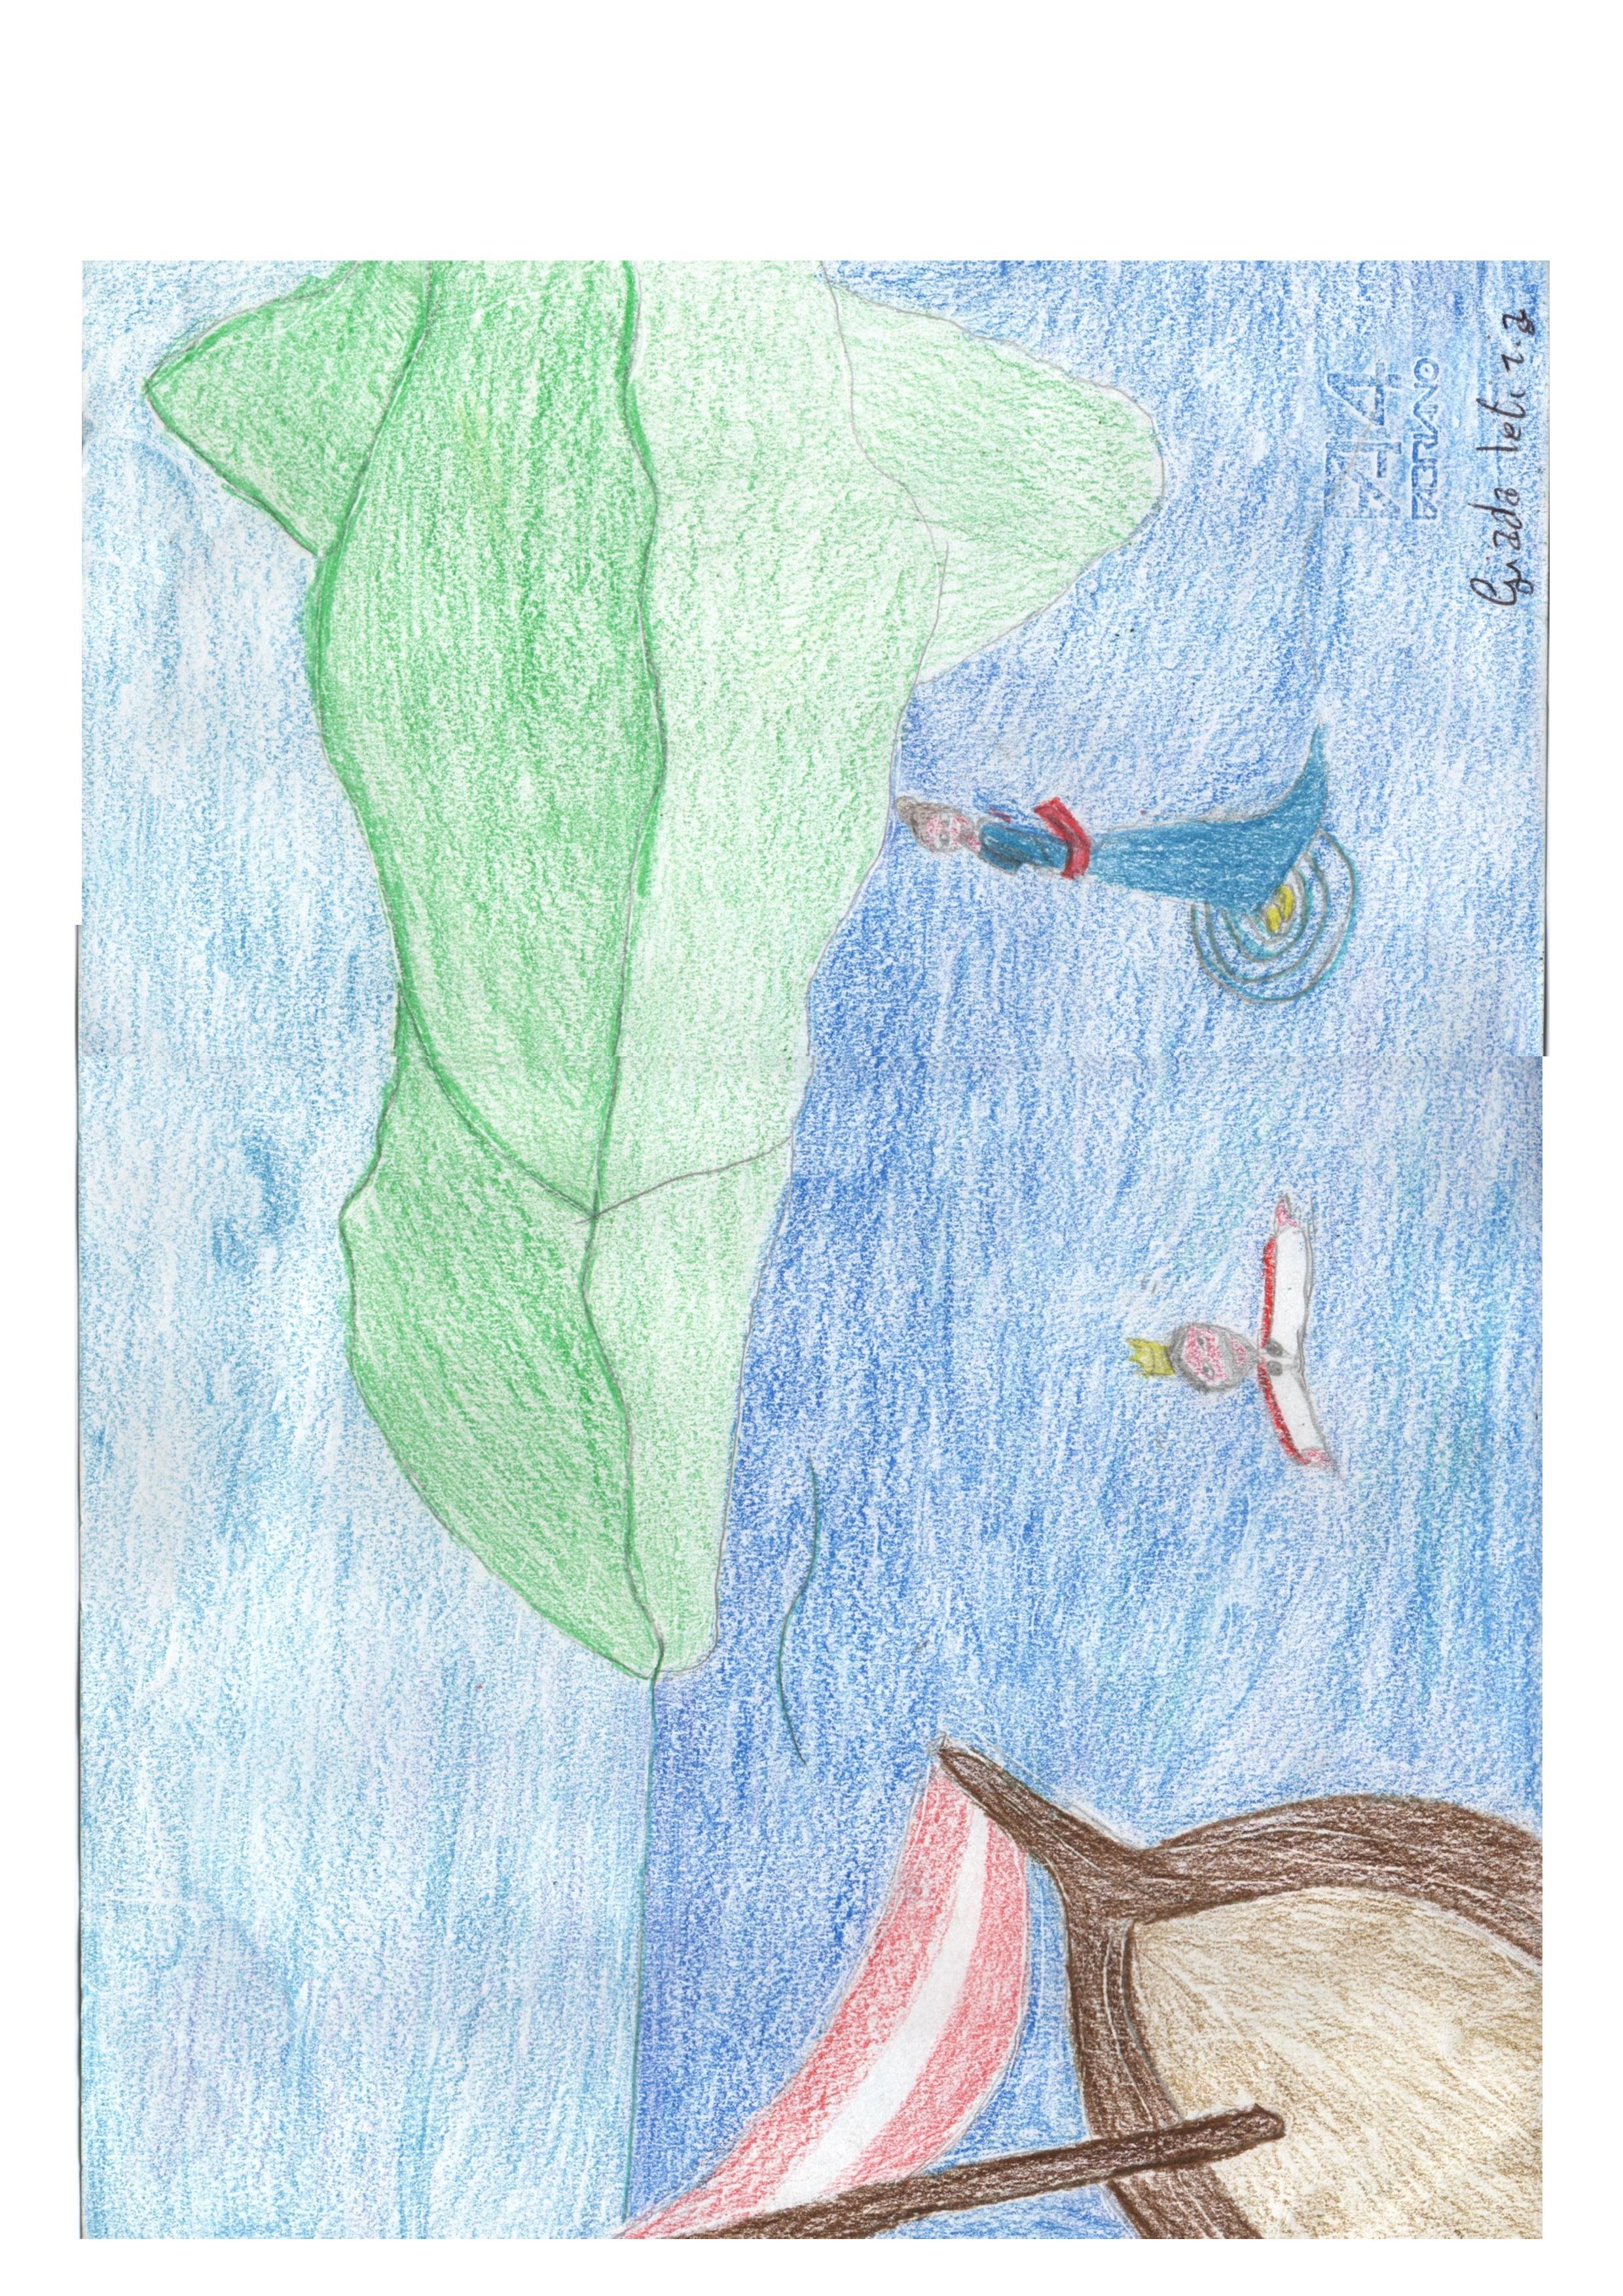 Artwork from the book - Un effetto ottico meraviglioso: La Fata Morgana by Fulvio - Illustrated by Classe 1^A - Ourboox.com